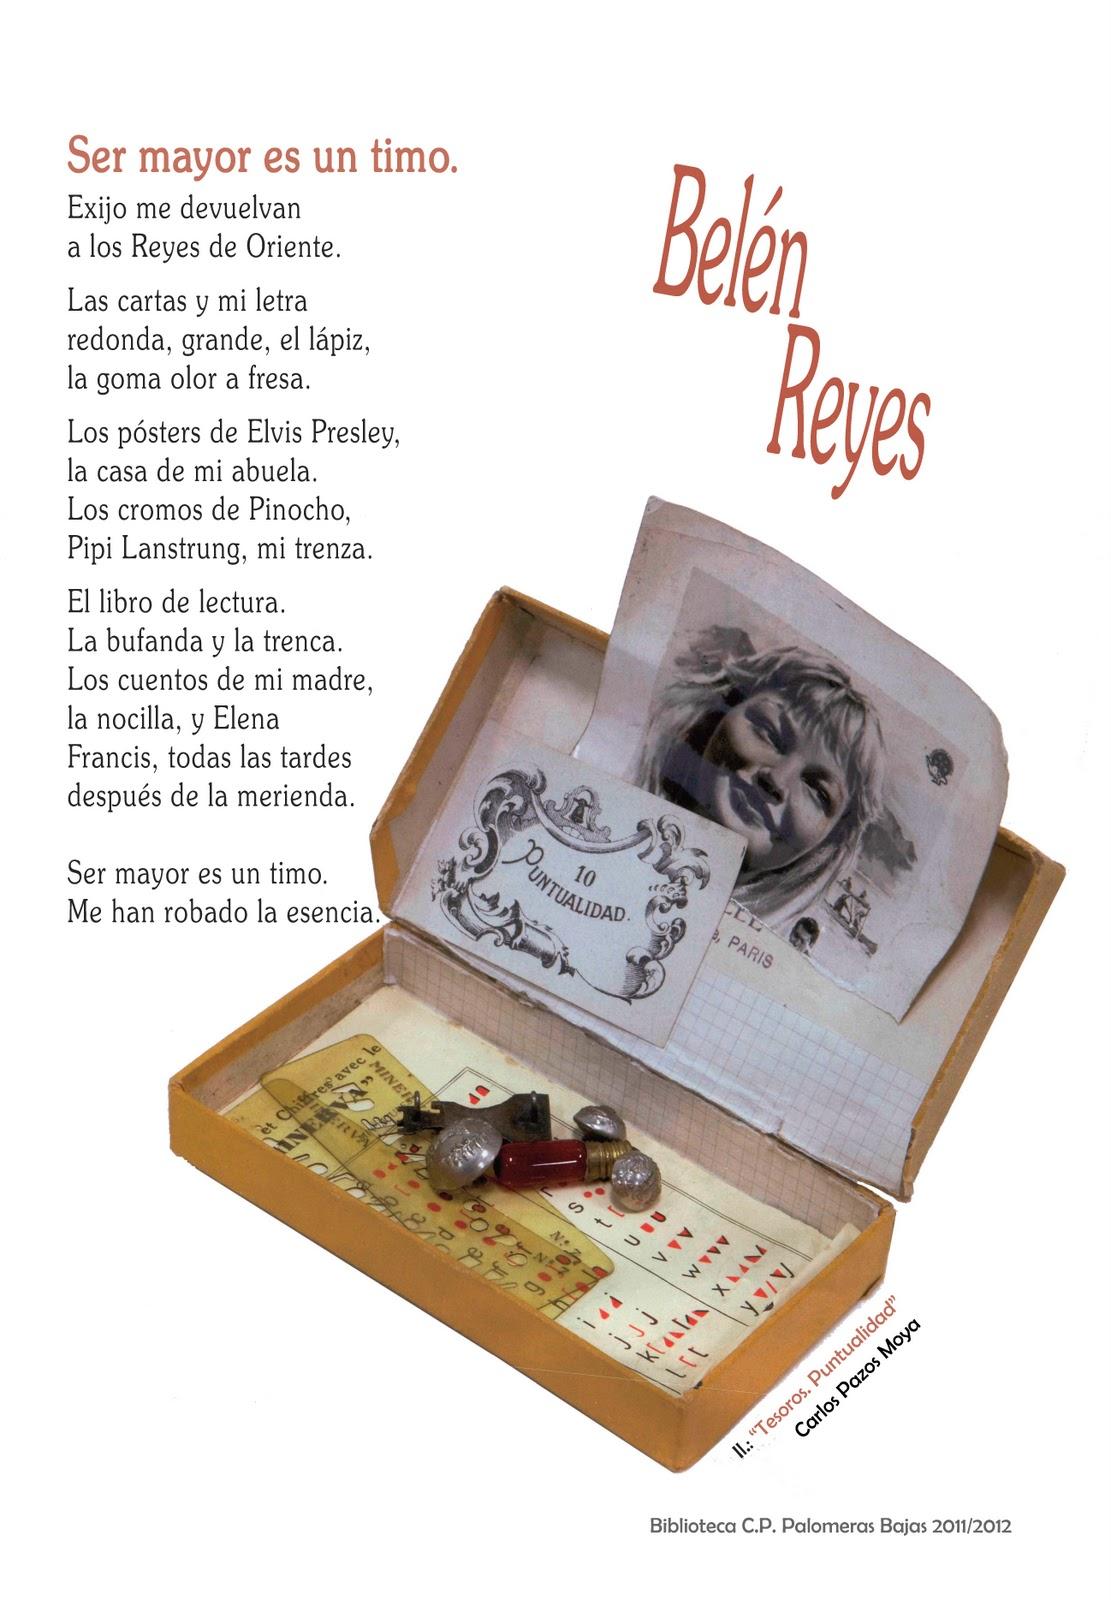 LA BIBLIOTECA DE PALOMERAS : Belén Reyes y la poesía.